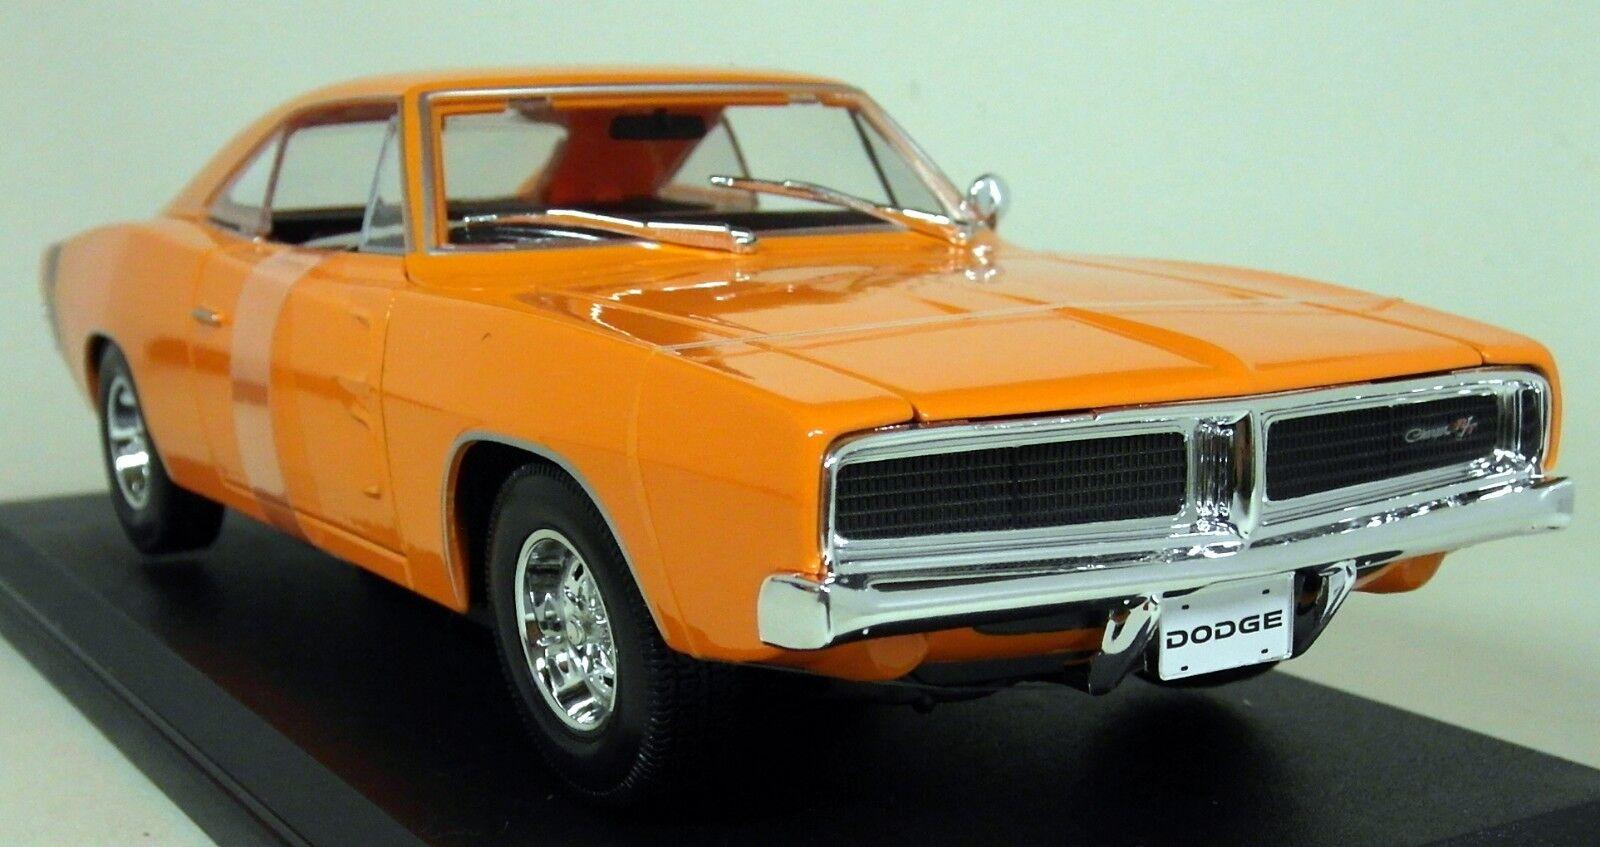 Maisto SCALA 1 18 - 1969 Dodge Charger R T ARANCIONE Modello Diecast Auto